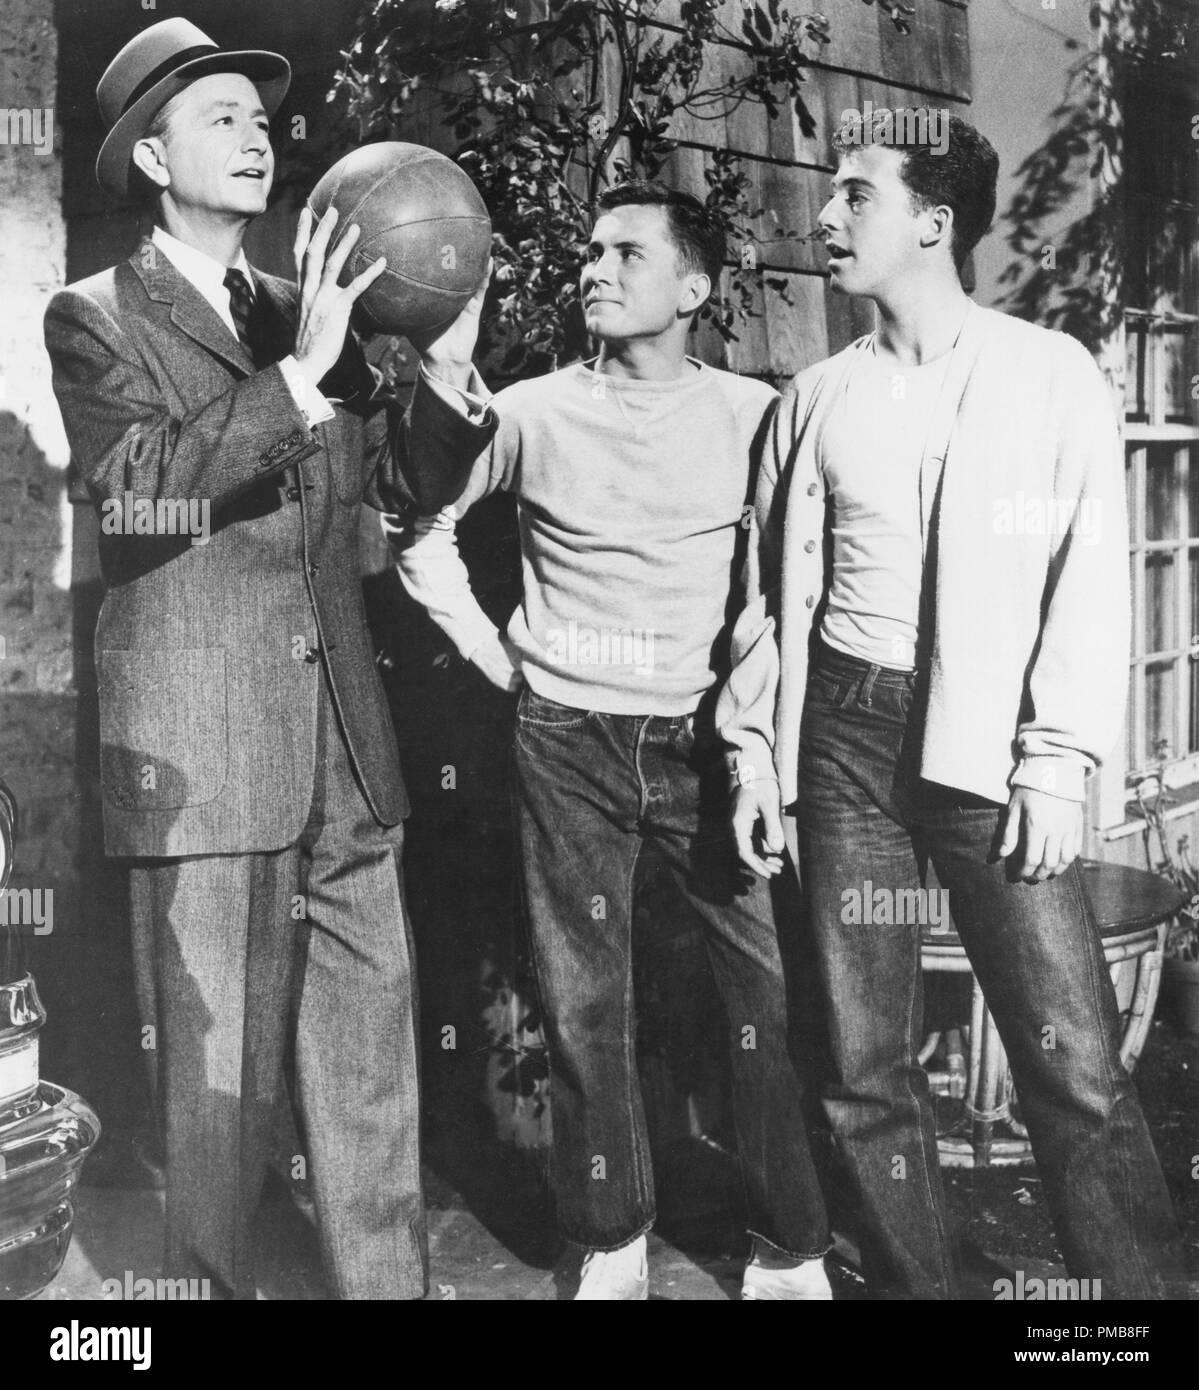 Billy Joel 1960